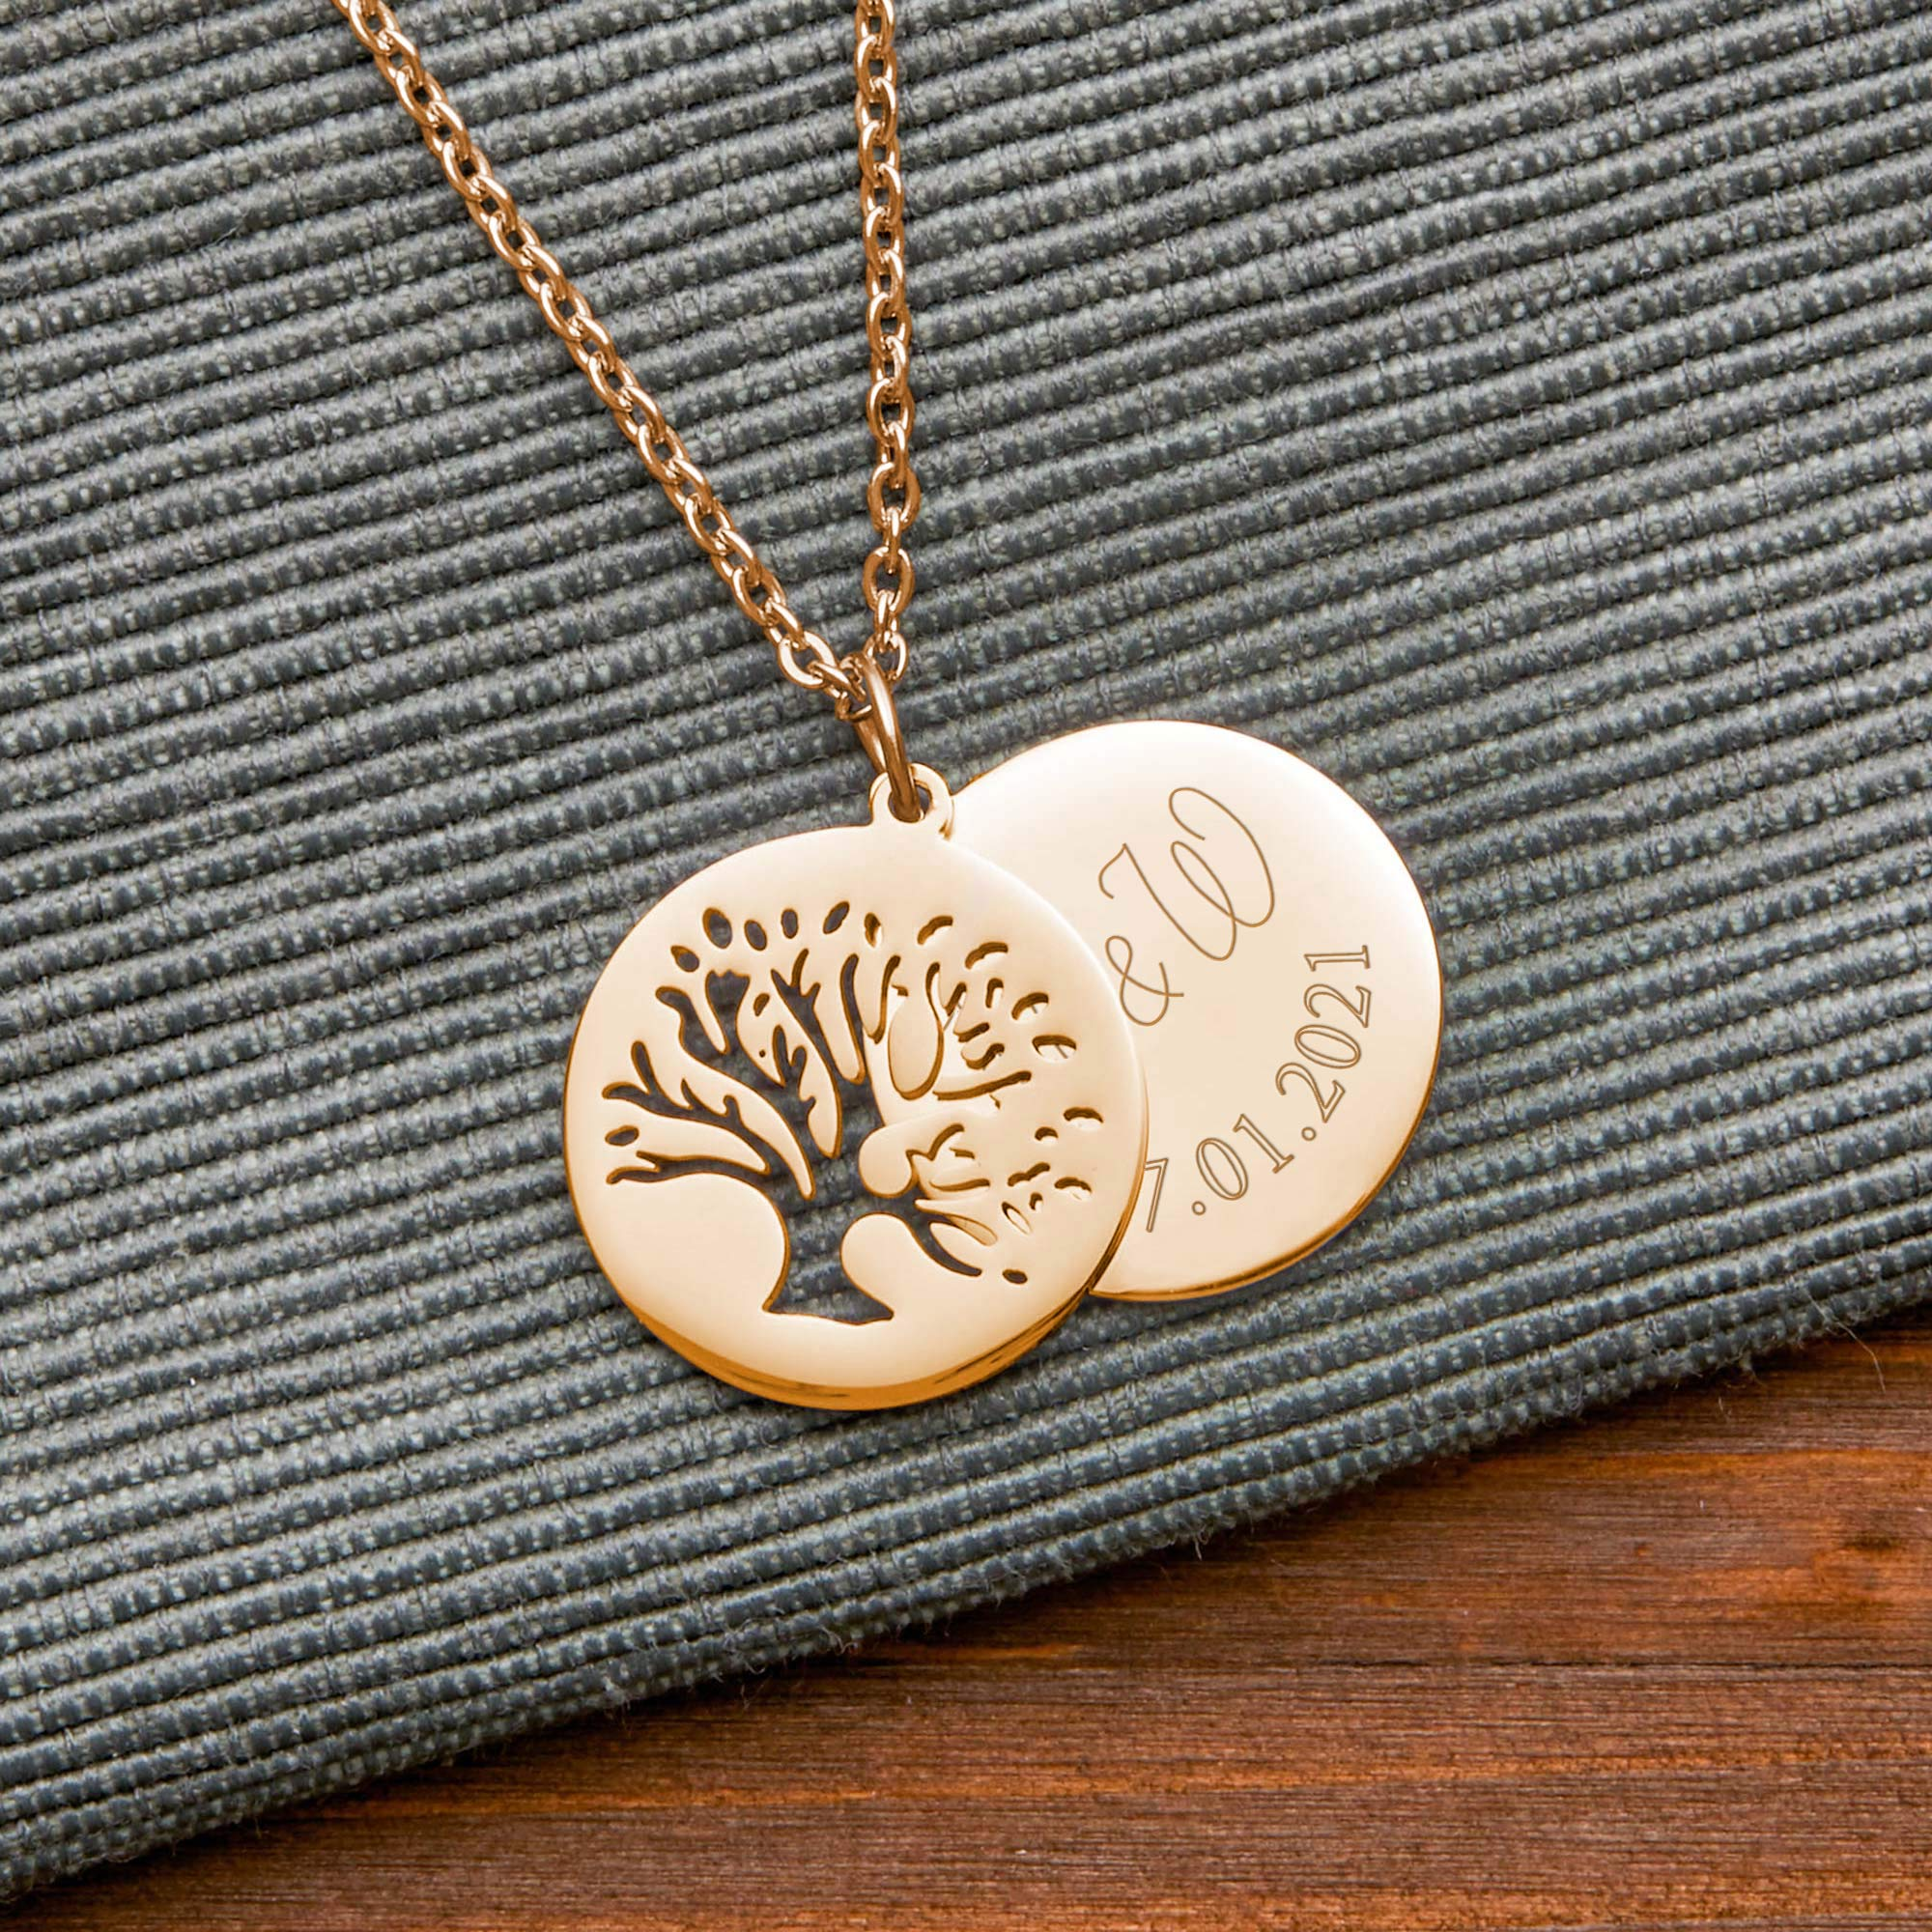 Halskette mit Gravur in Gold - Baum mit Initialen